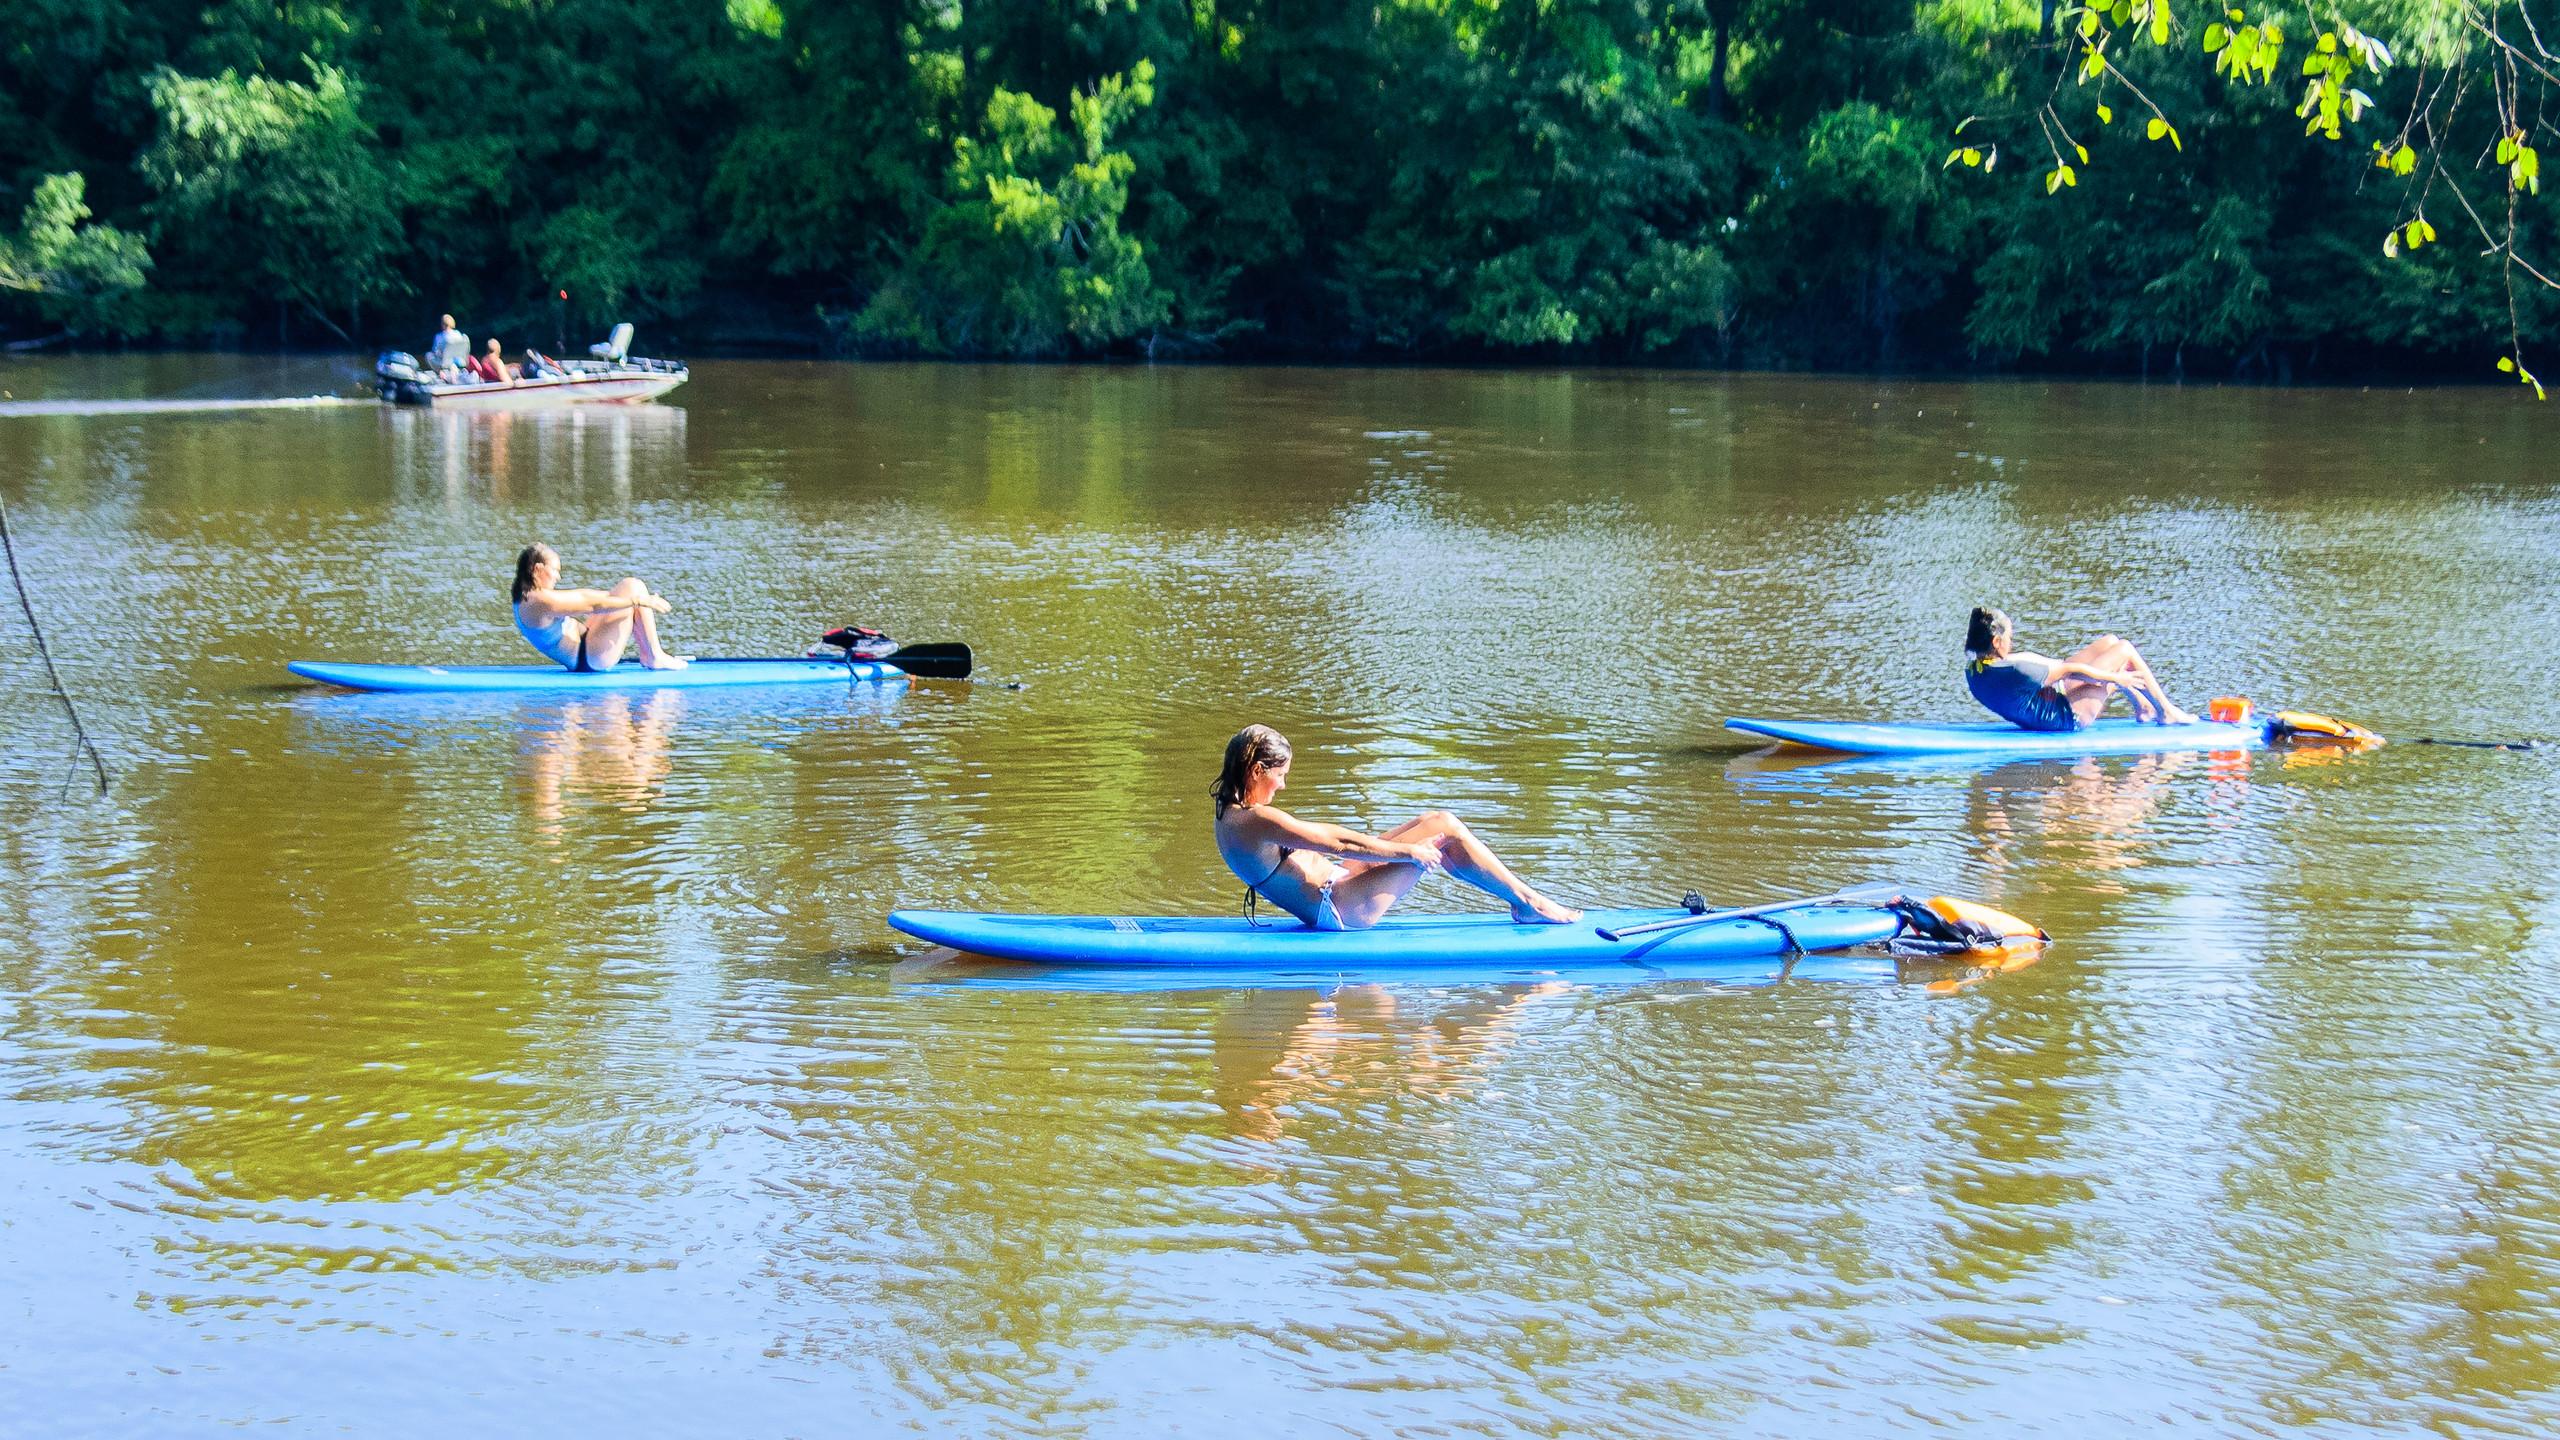 SUP Yoga on the Tar River